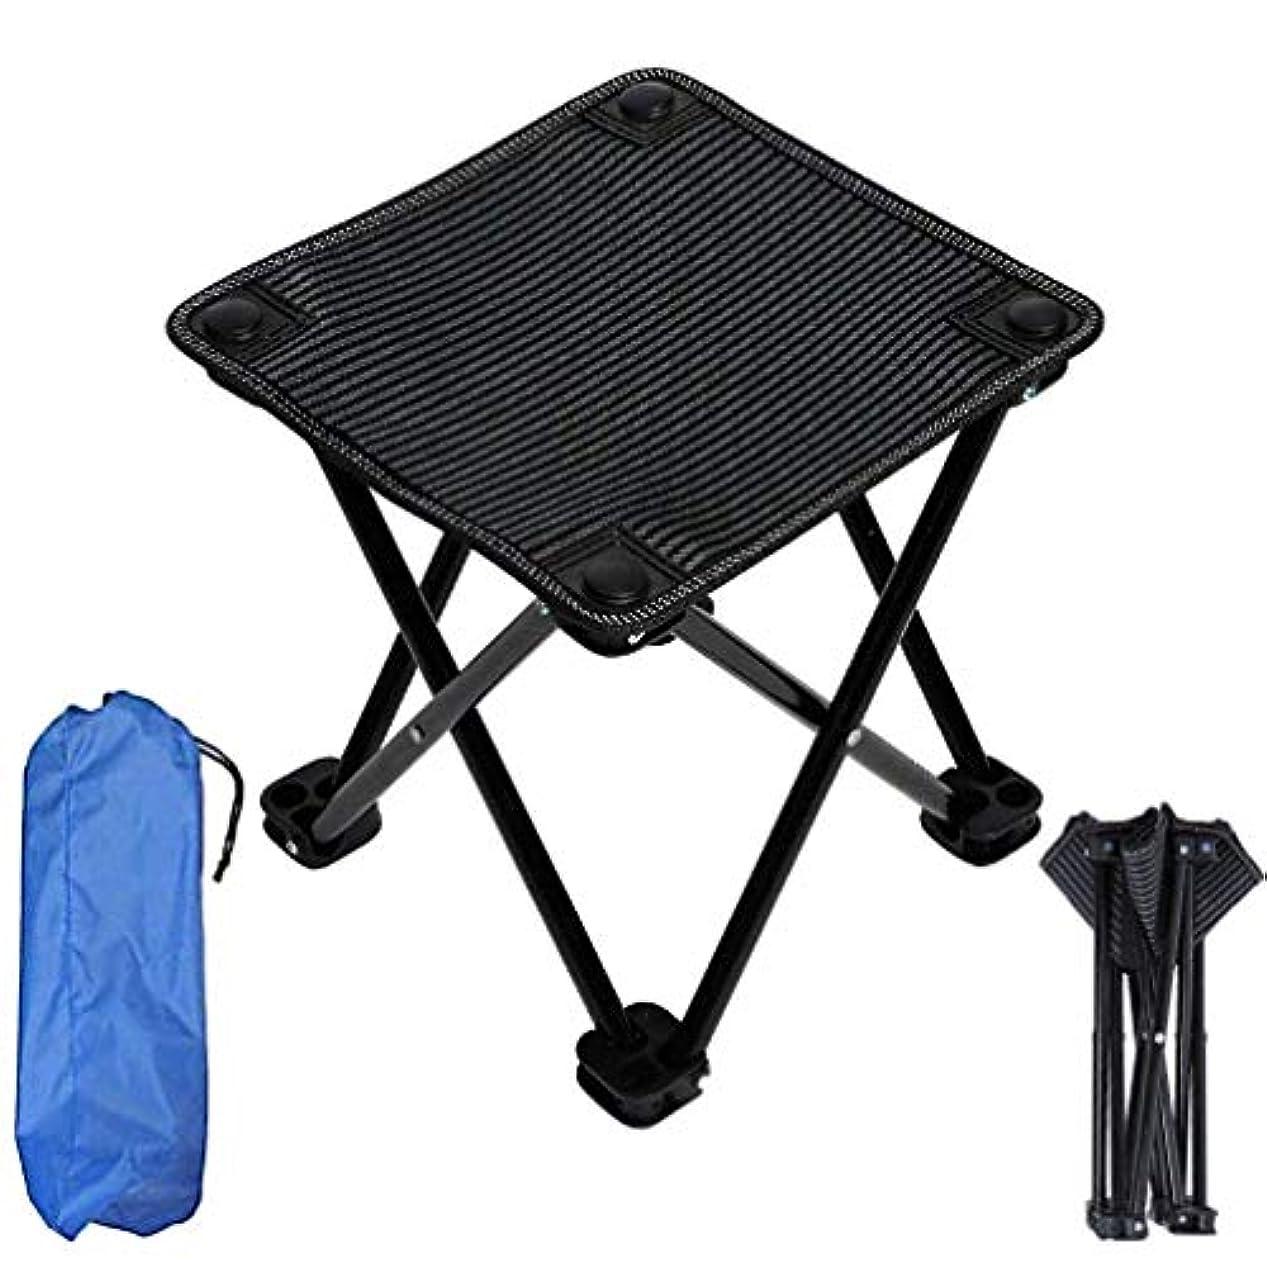 波紋これらいつ多機能屋外折りたたみ椅子、釣り椅子ピクニックスツールキャンプチェアビーチチェア - 軽量でポータブル - ブルー,B